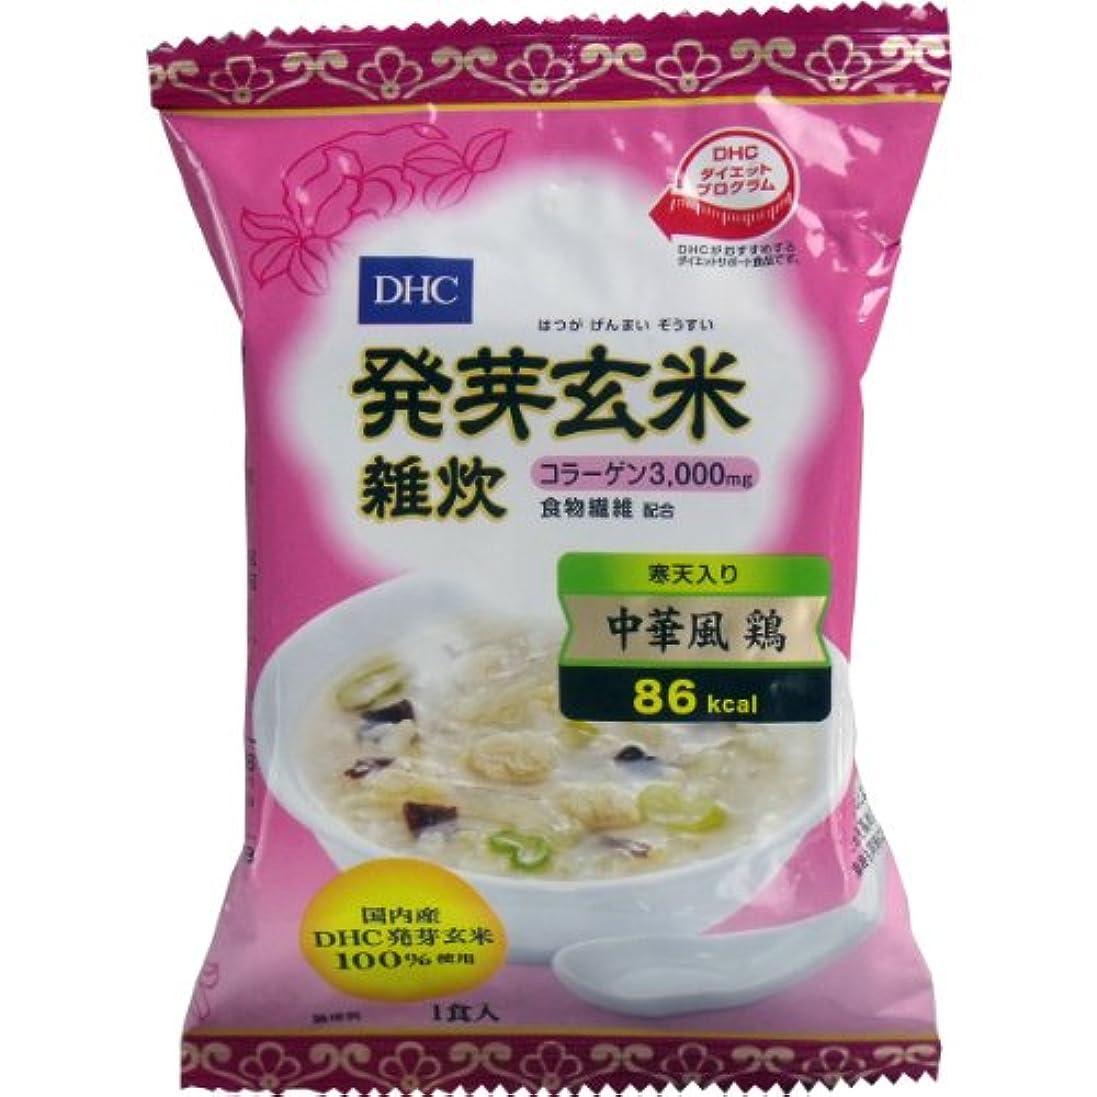 相手効果的にインタネットを見るDHC 発芽玄米雑炊〈コラーゲン?寒天入〉 中華風鶏 1食入